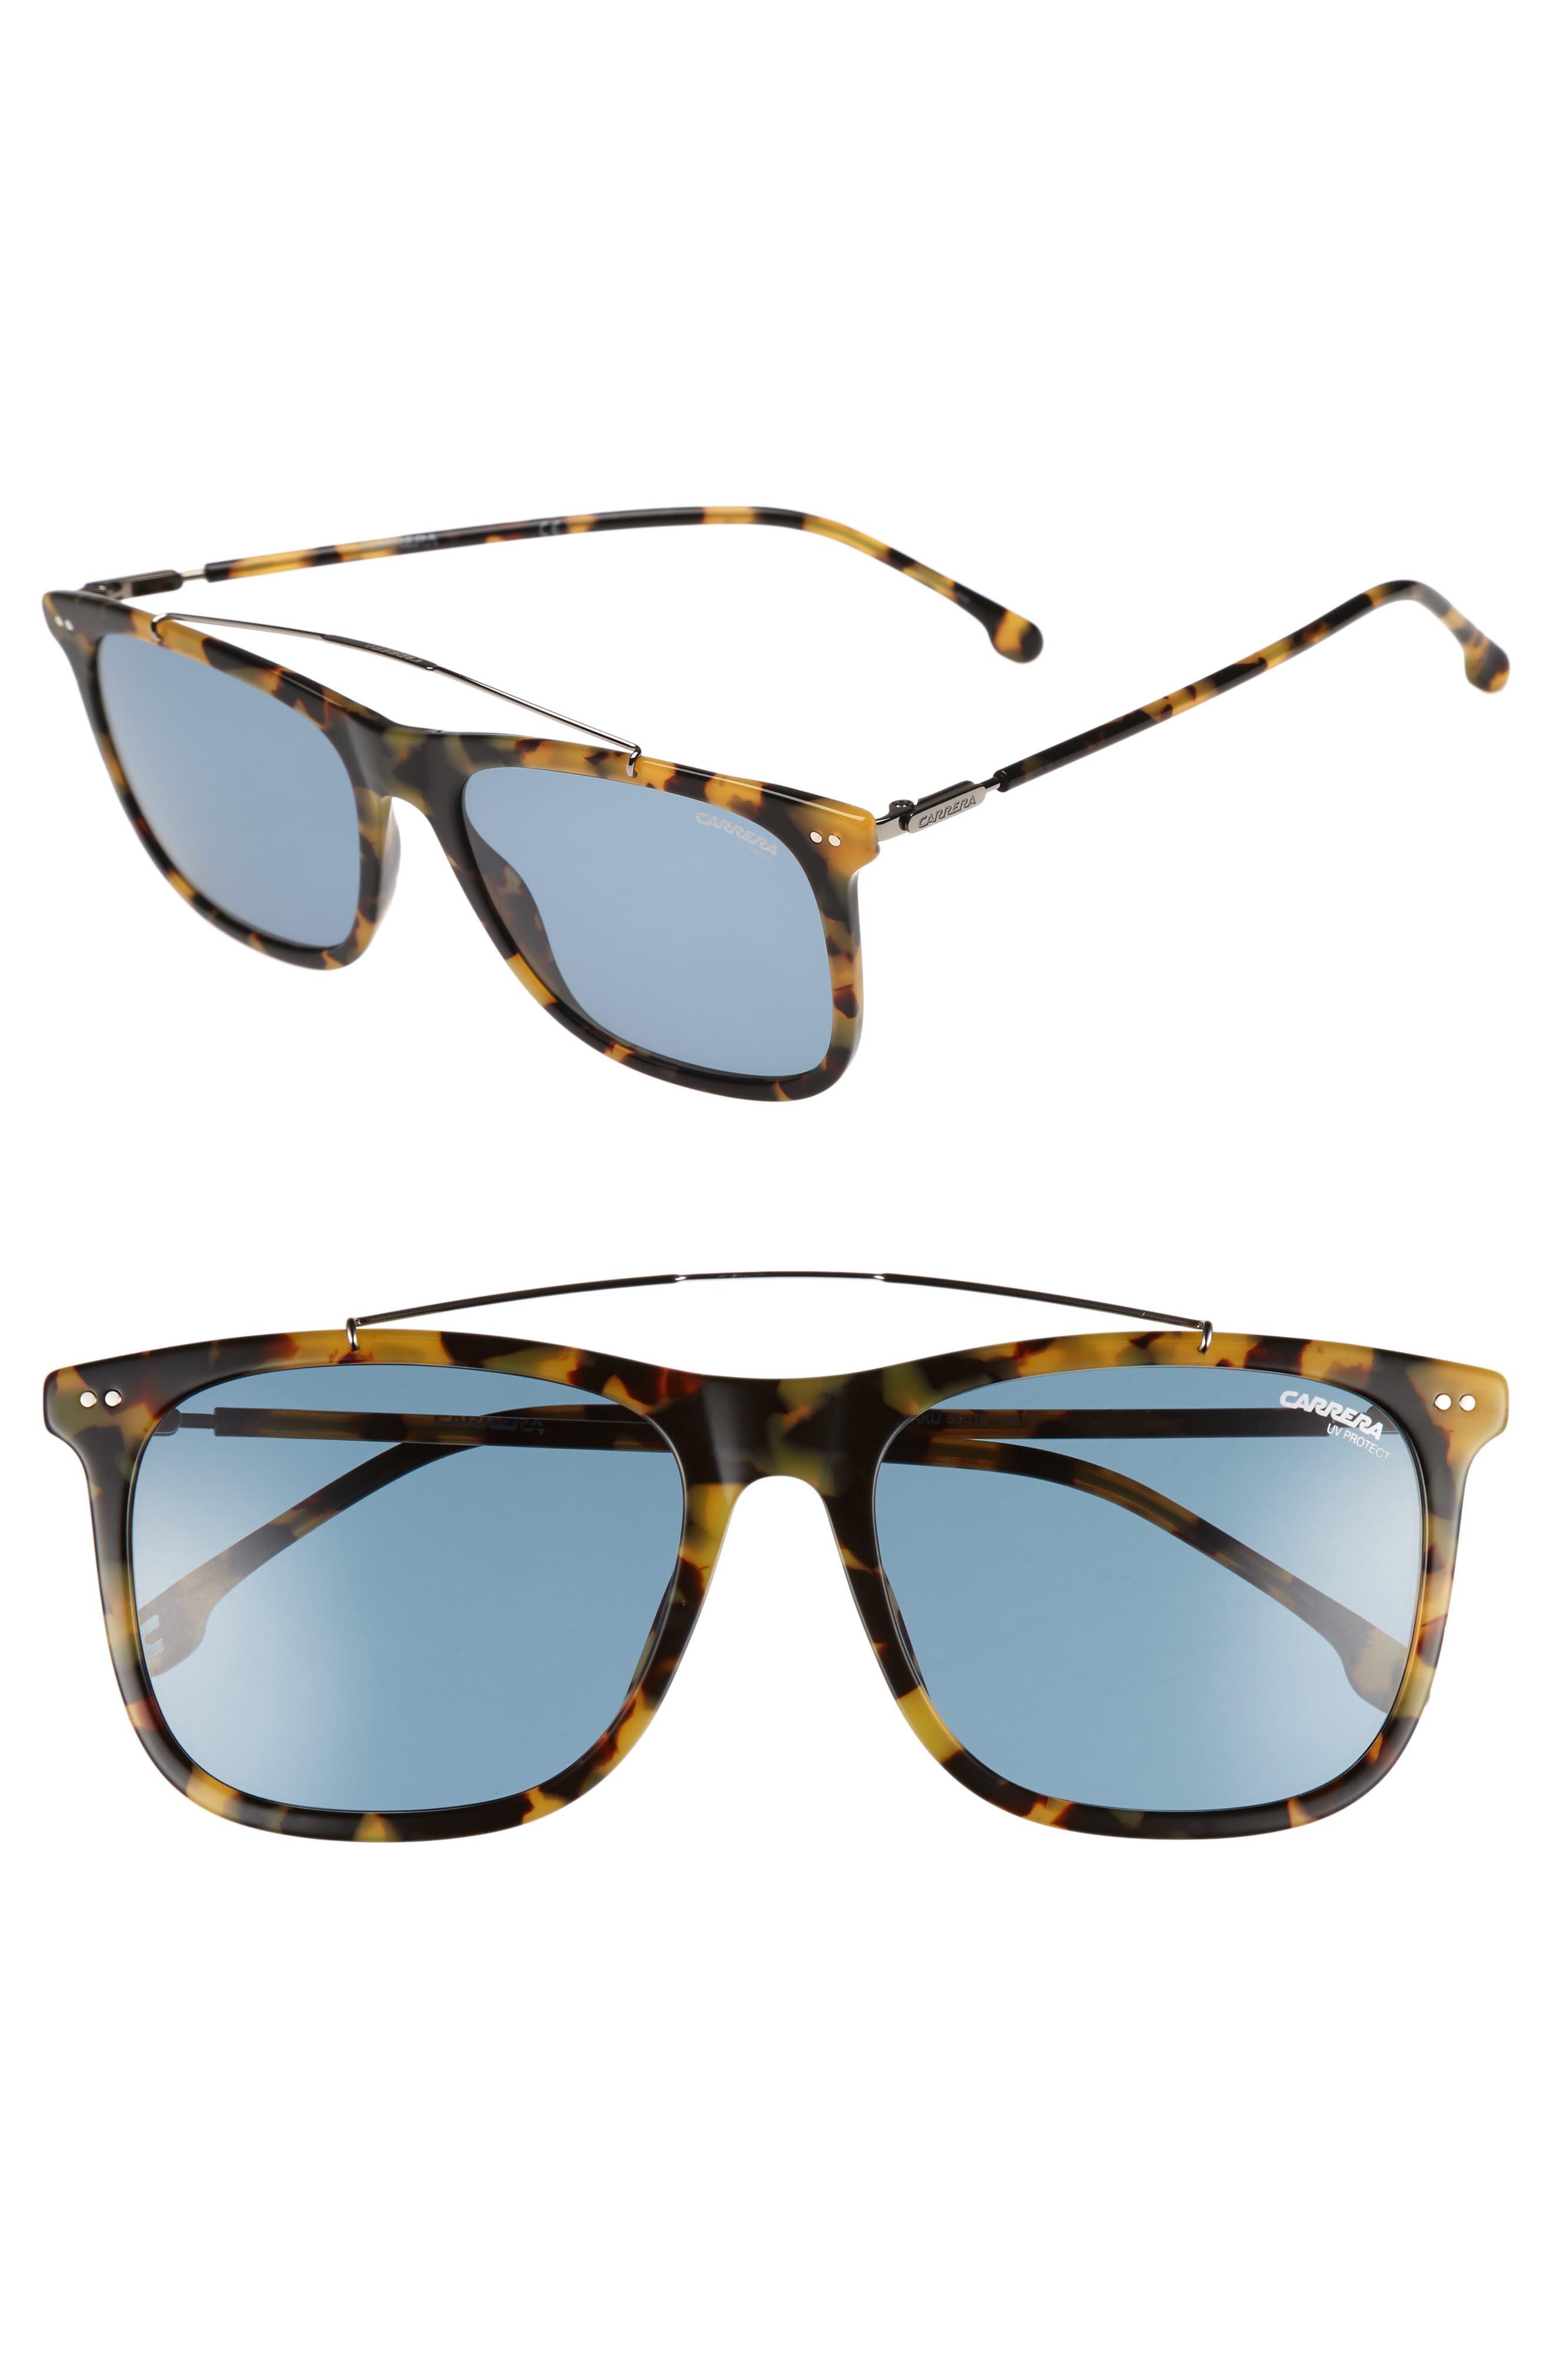 Carrera 150/S 55mm Sunglasses,                             Main thumbnail 1, color,                             Havana Ruthenium/ Blue Avio